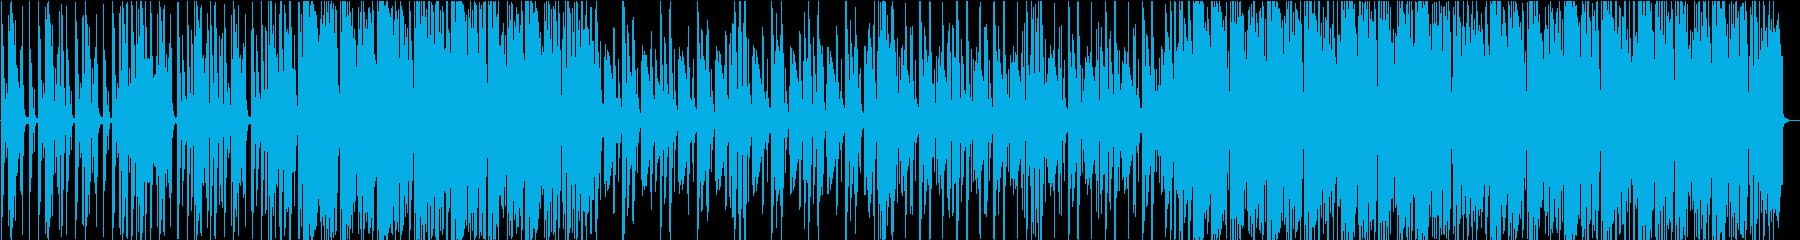 ぽんぽことしたテクノハウスの再生済みの波形